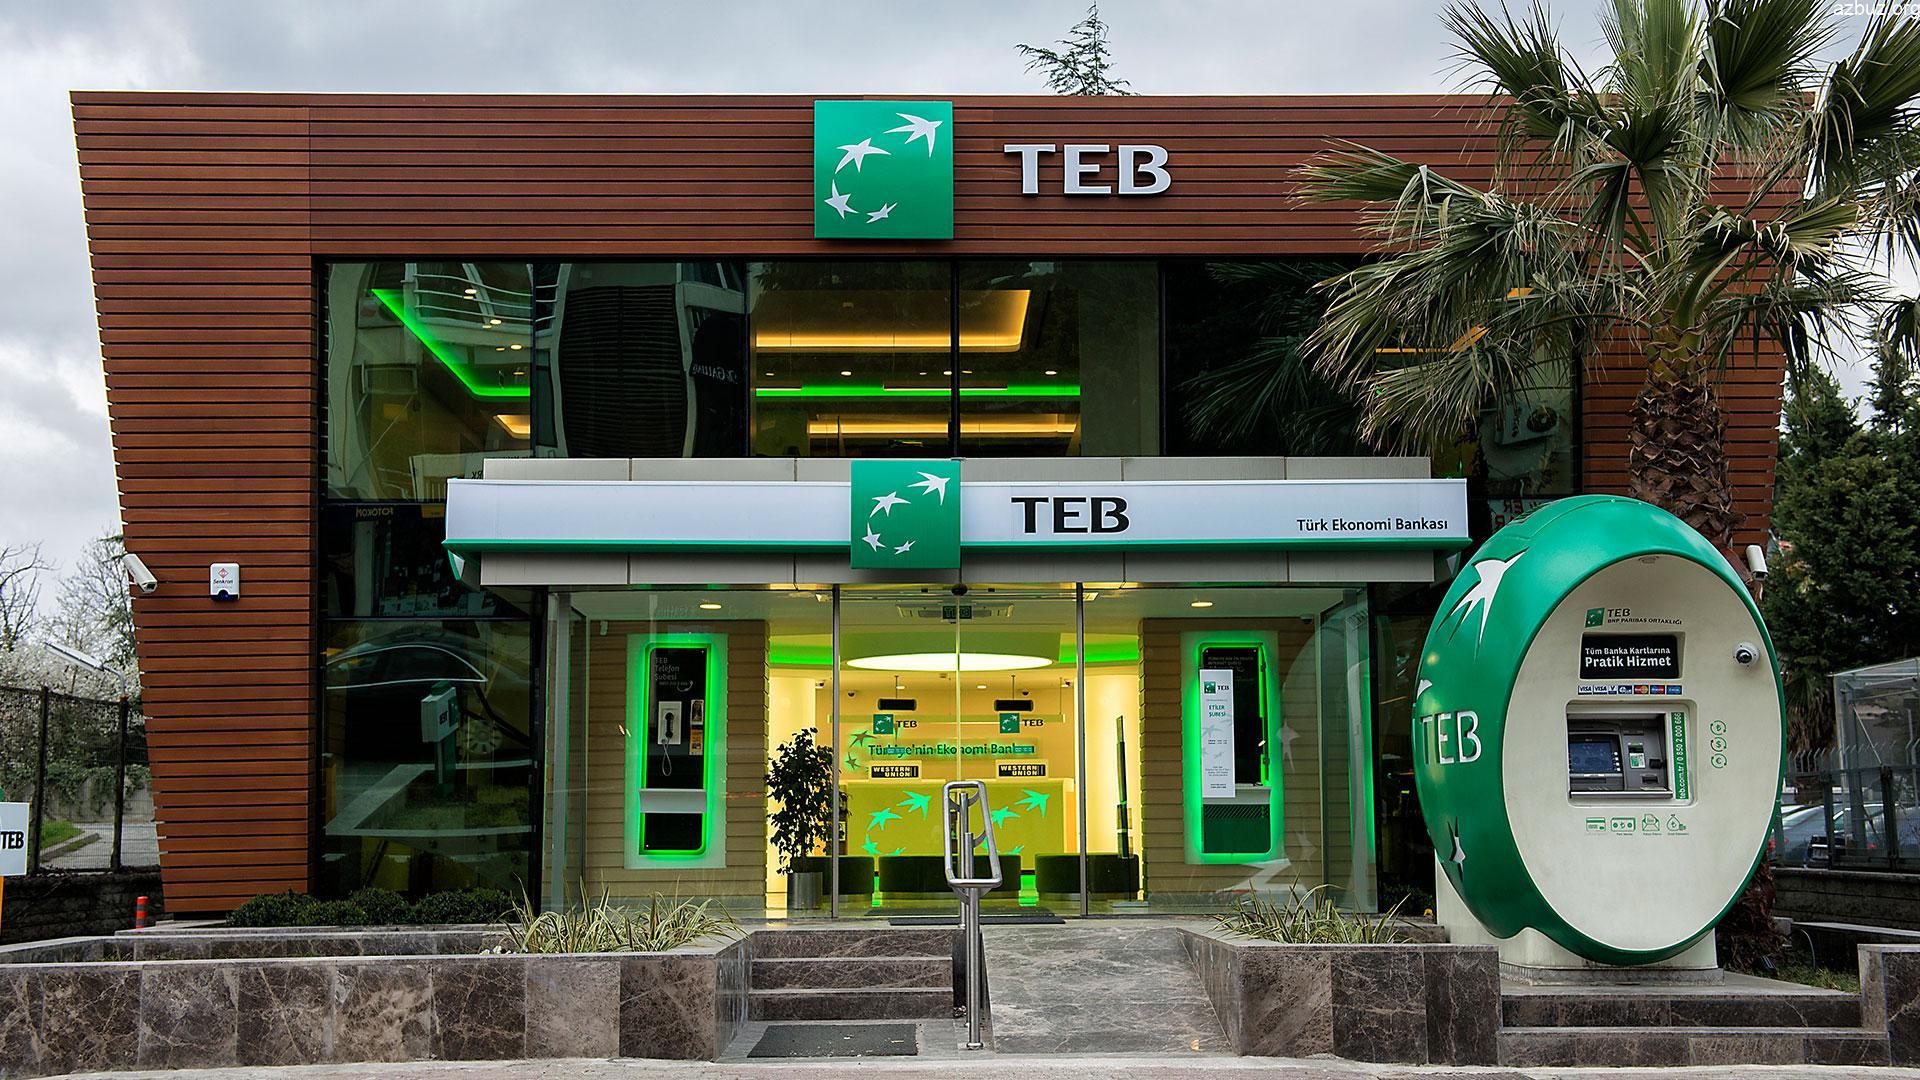 Türk Ekonomi Bankası TEB Müşteri Hizmetleri İletişim Çağrı Merkezi Telefon Numarası 1